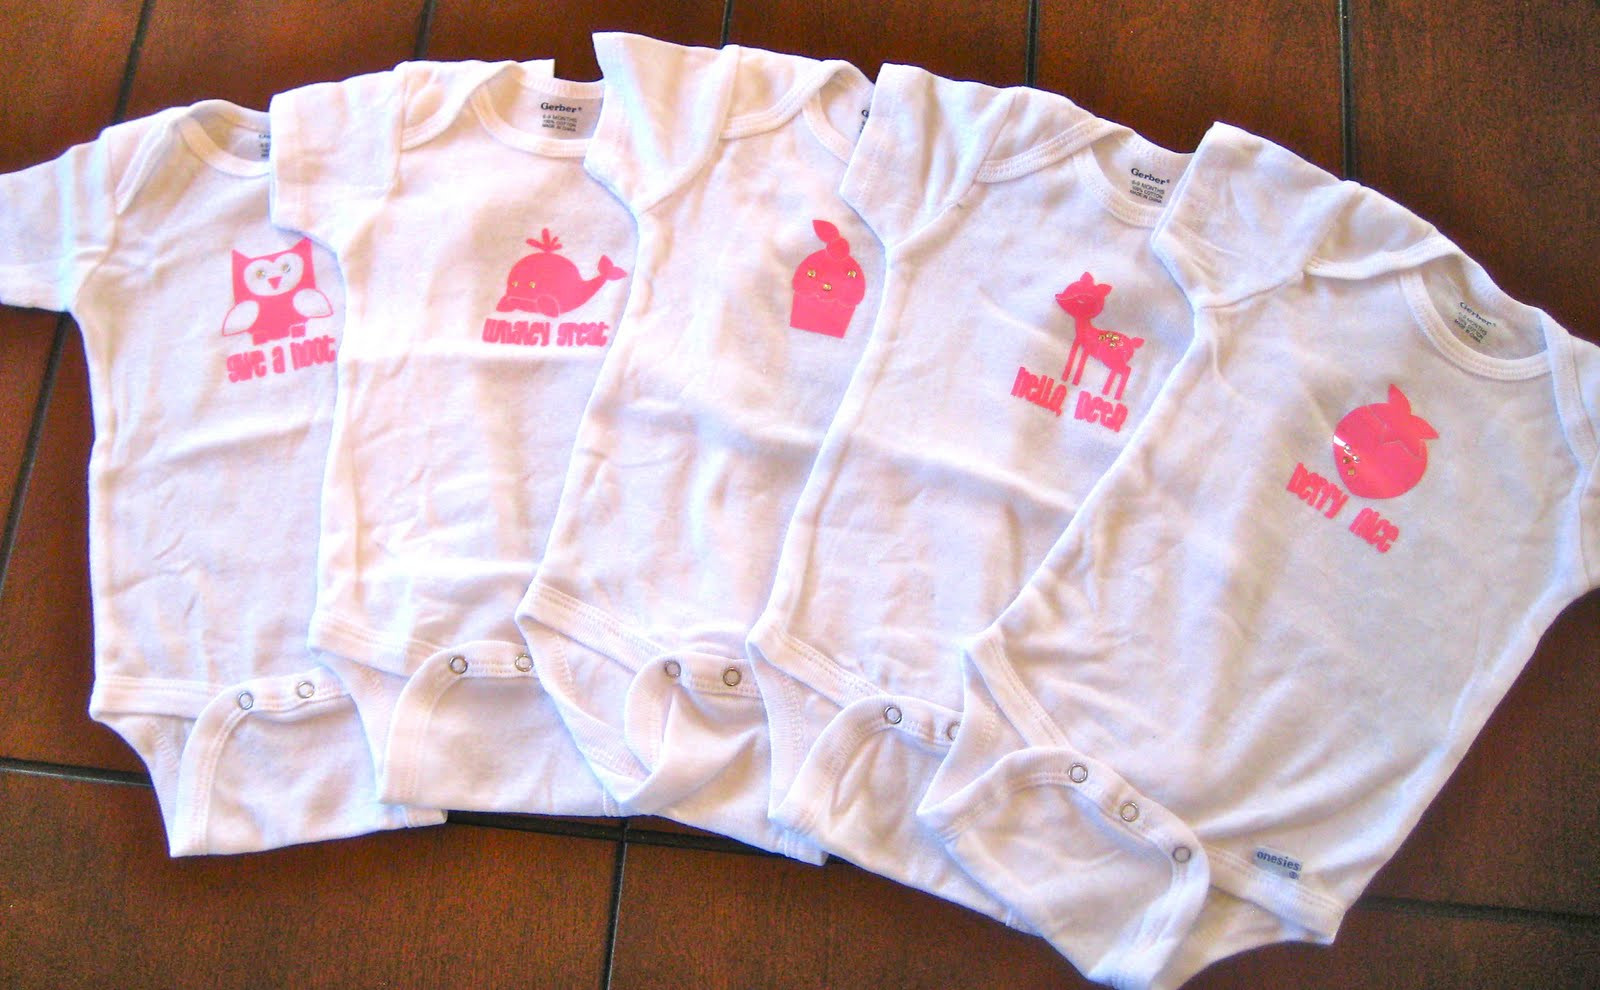 Best ideas about DIY Baby Onesies . Save or Pin Scrap Making EAD Blog Hop DIY Baby esies Now.